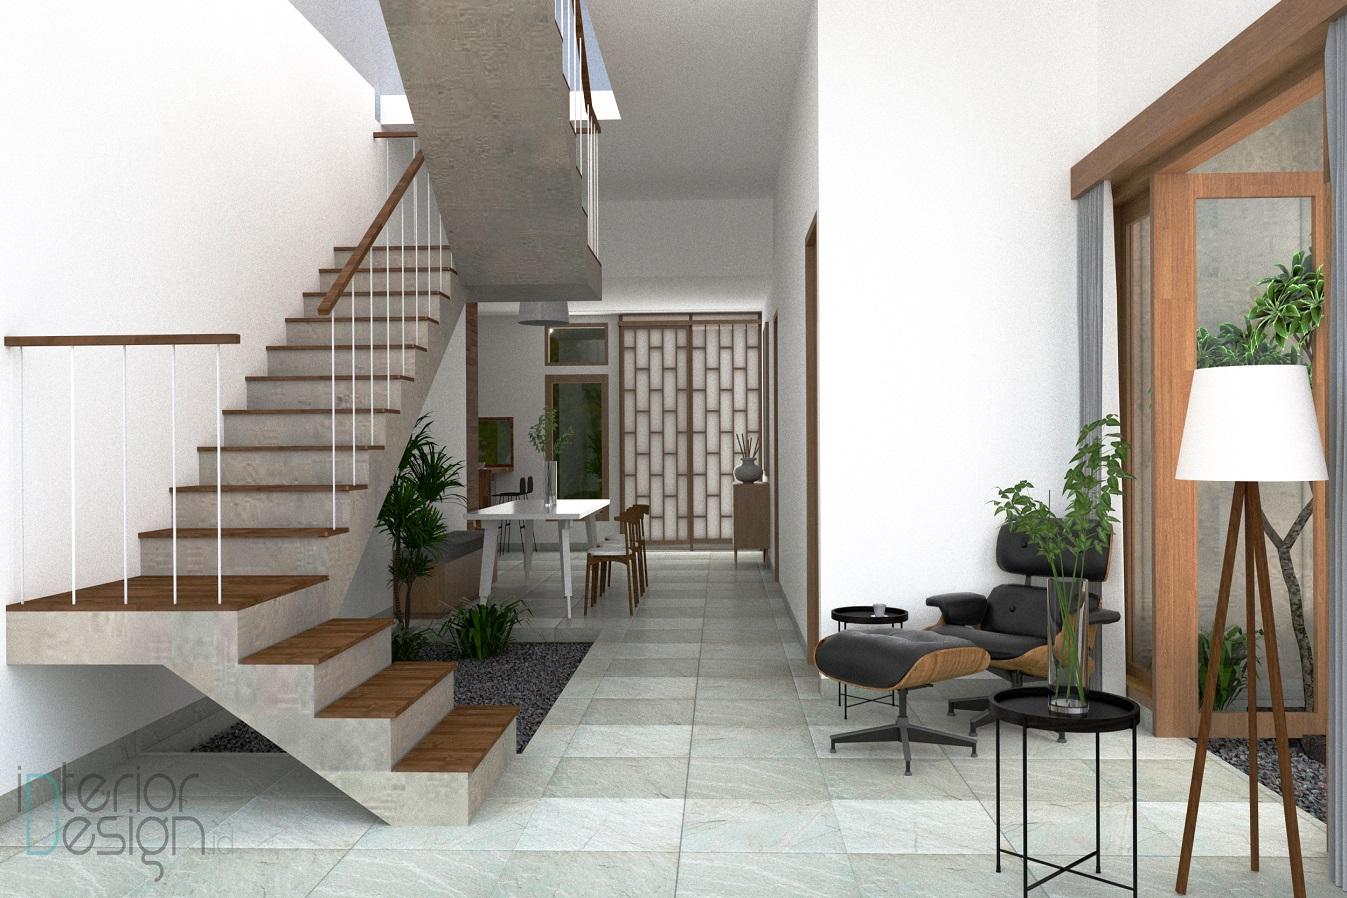 Jasa Desain Rumah Full Service Terima Kunci Di Kota Bandung